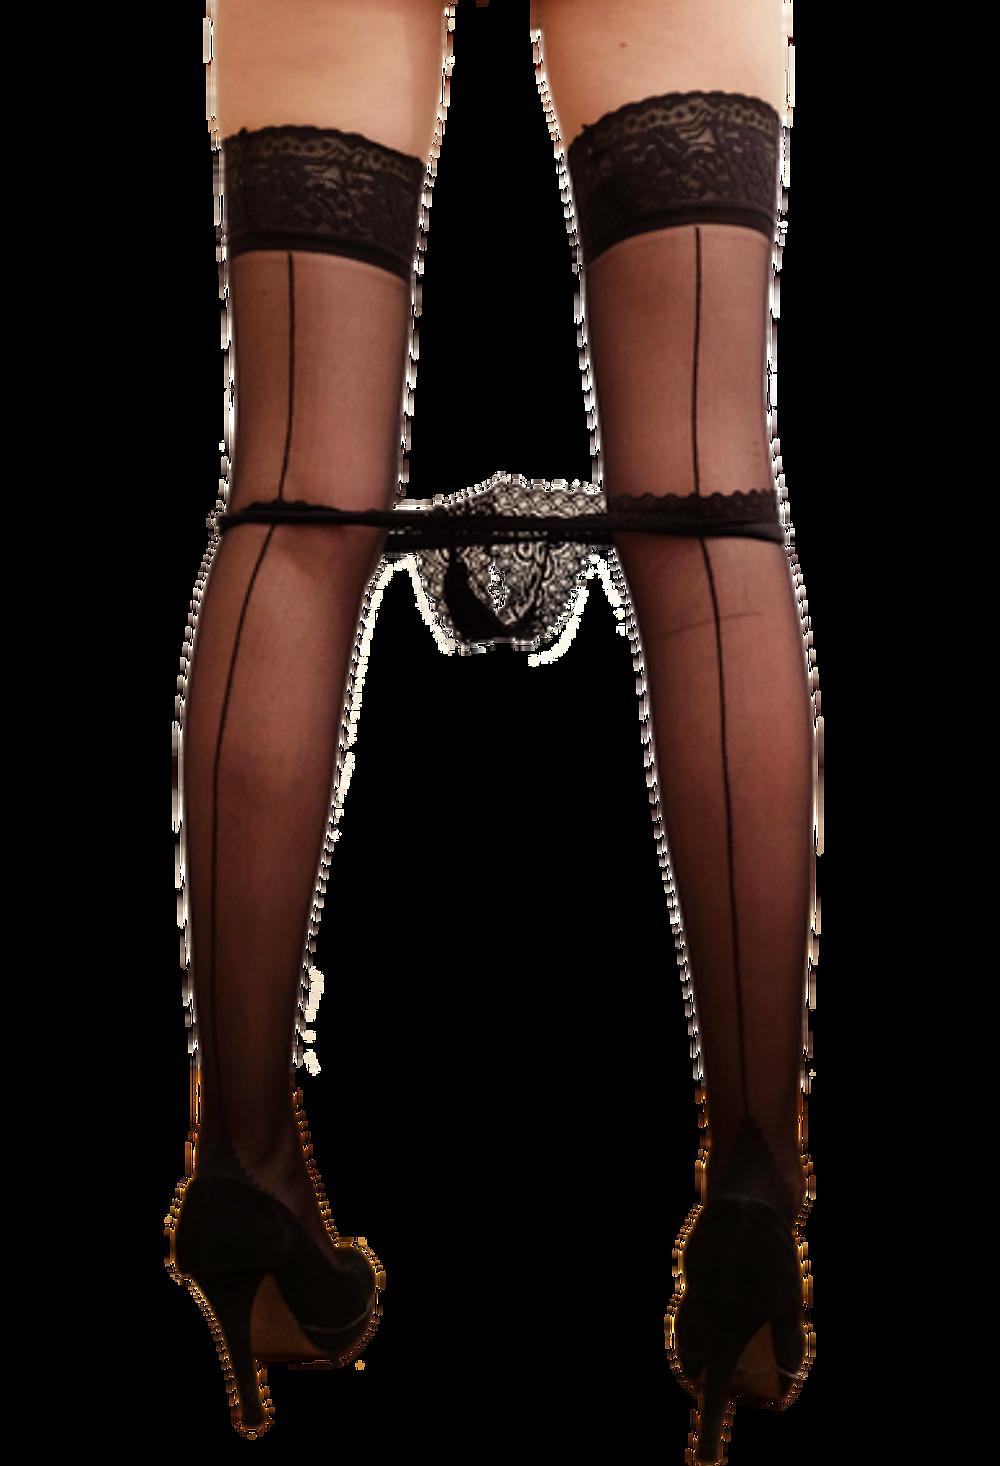 underwear-2613034_1920